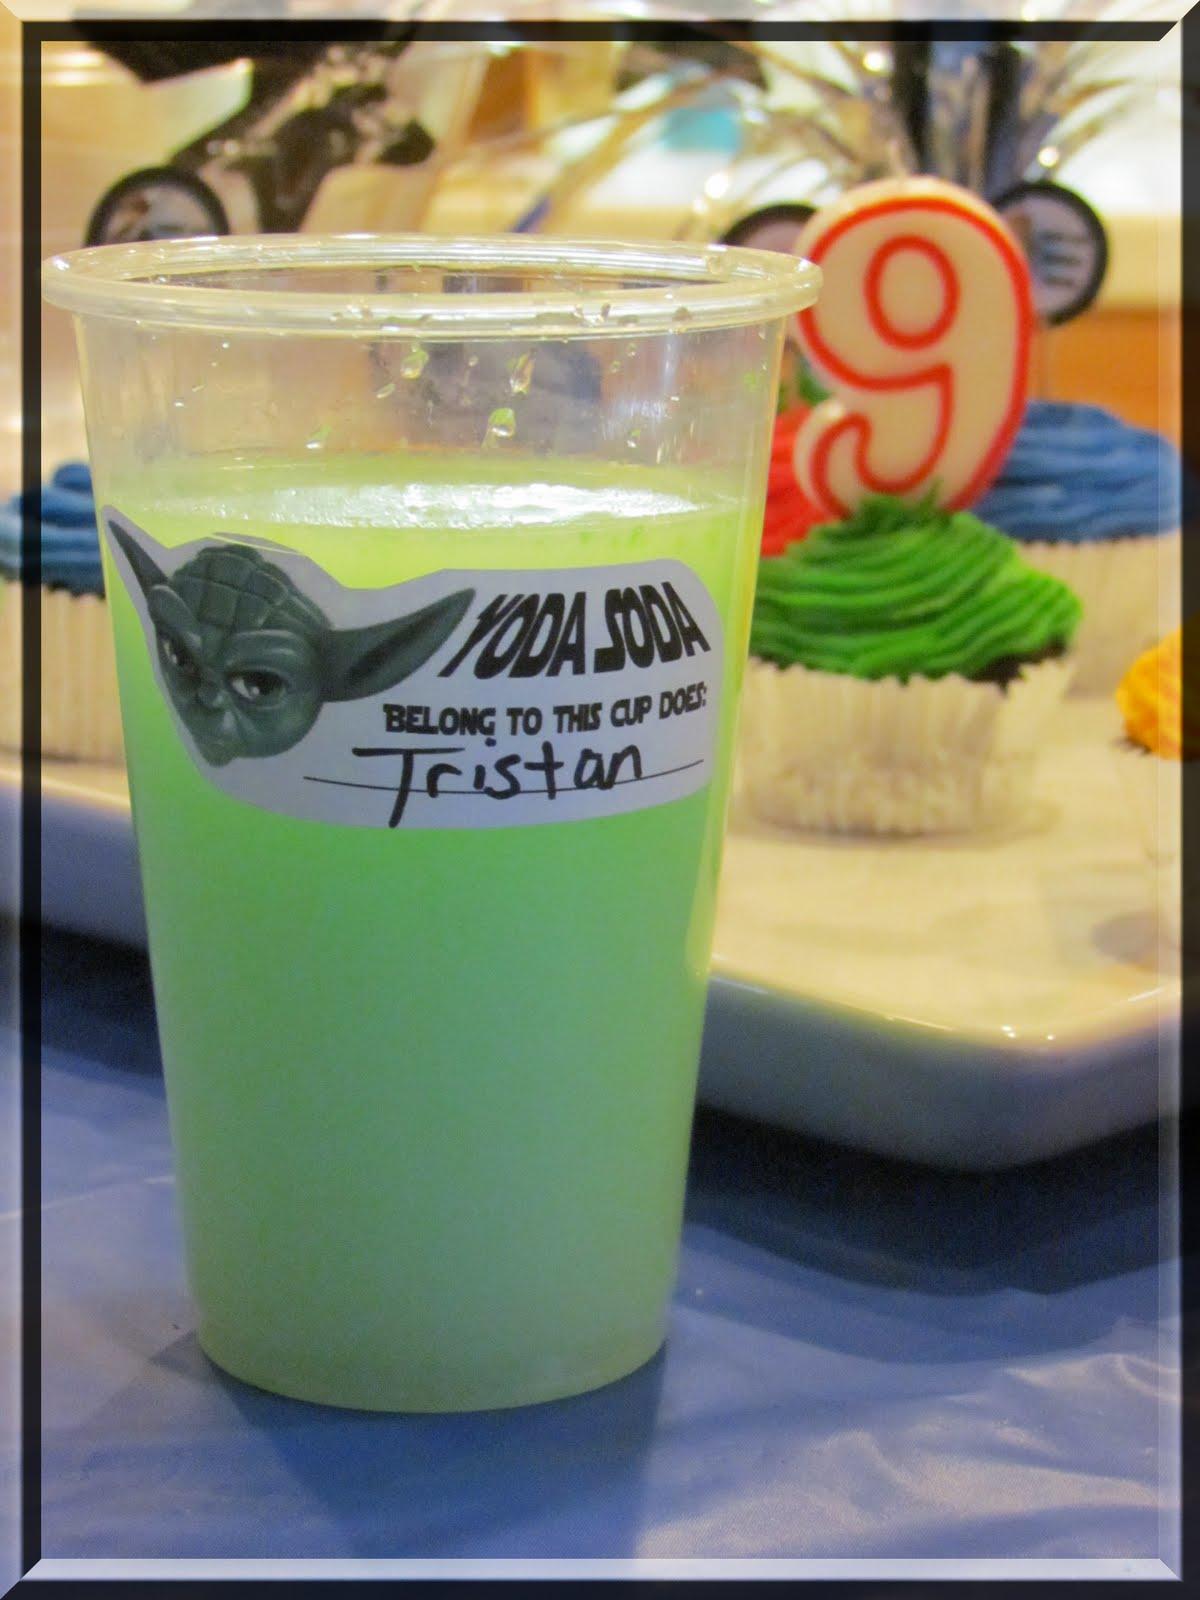 http://1.bp.blogspot.com/-kA0rb4qXwaY/TdGOk8jGdaI/AAAAAAAABLg/0CtnNDkk-3Y/s1600/Yoda+Soda+copy.jpg